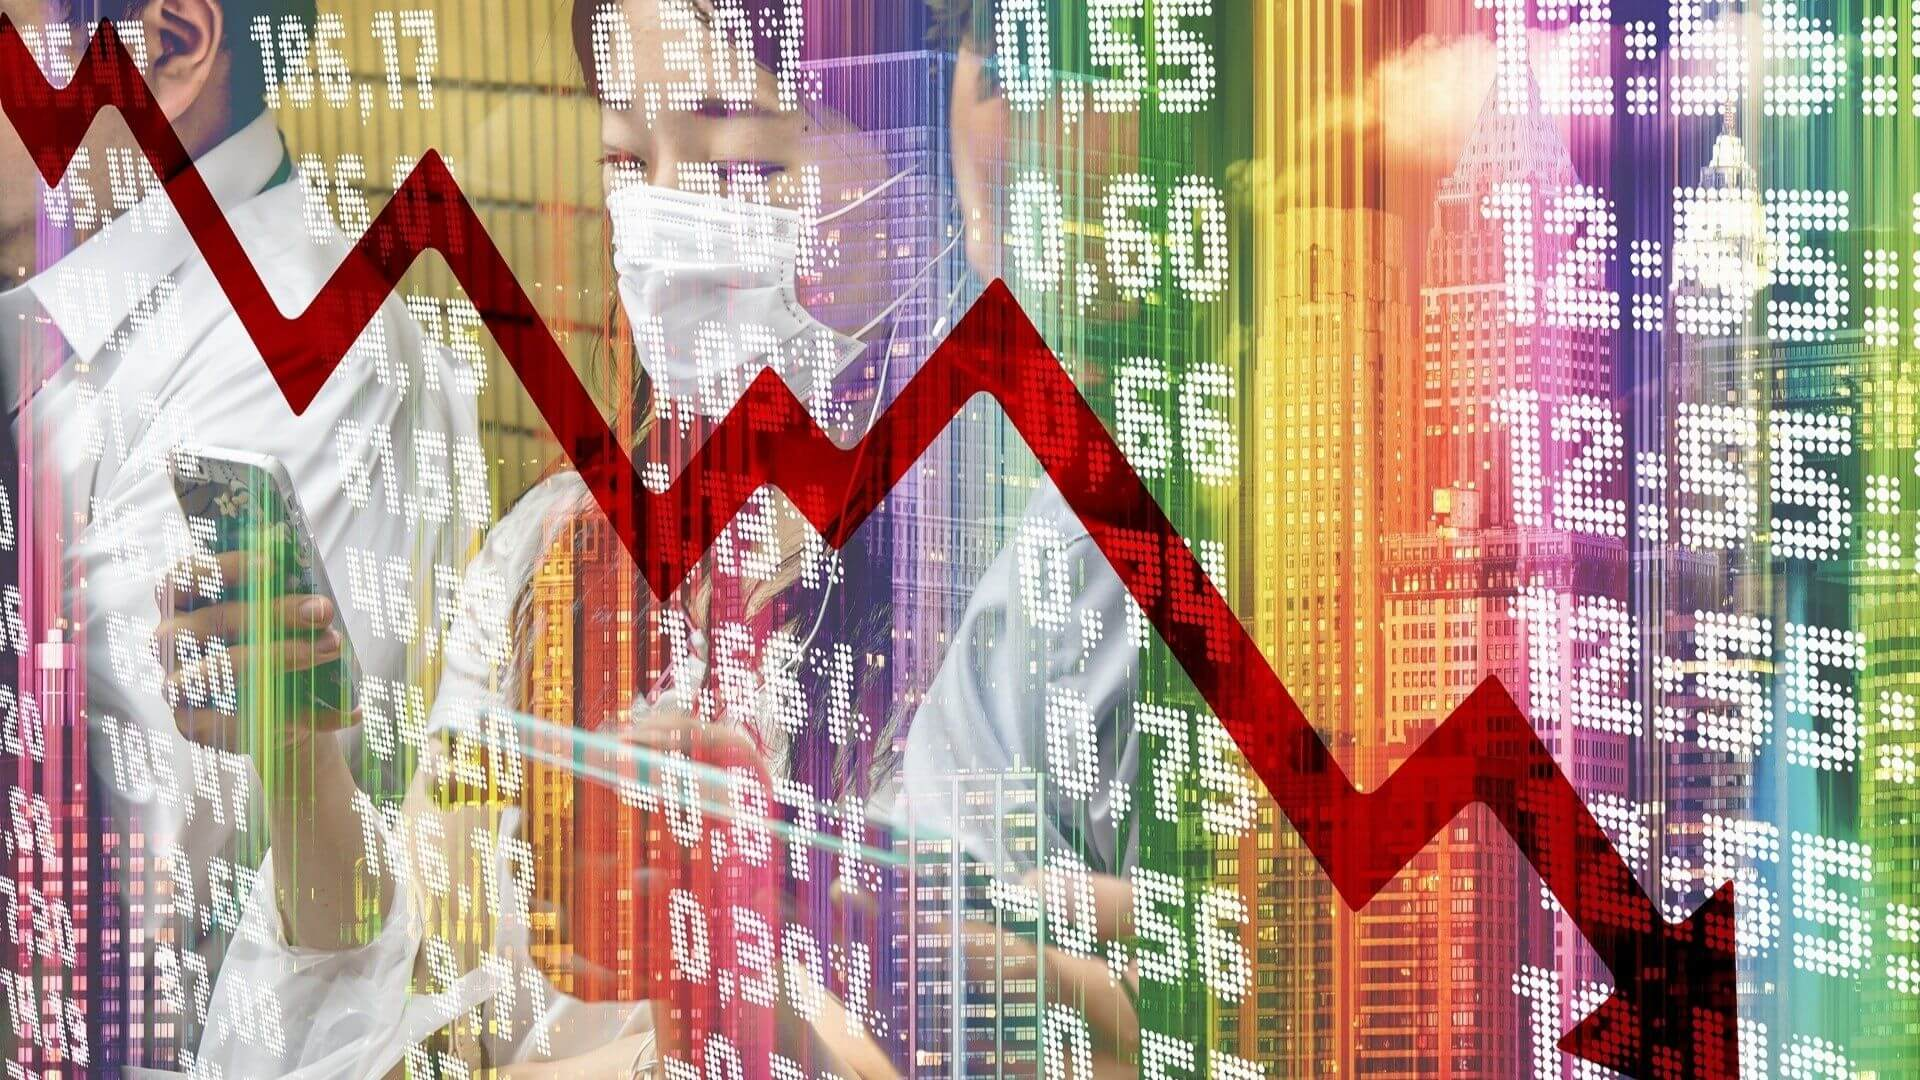 L'Italia rischia la quarta recessione del millennio KIBS Studio